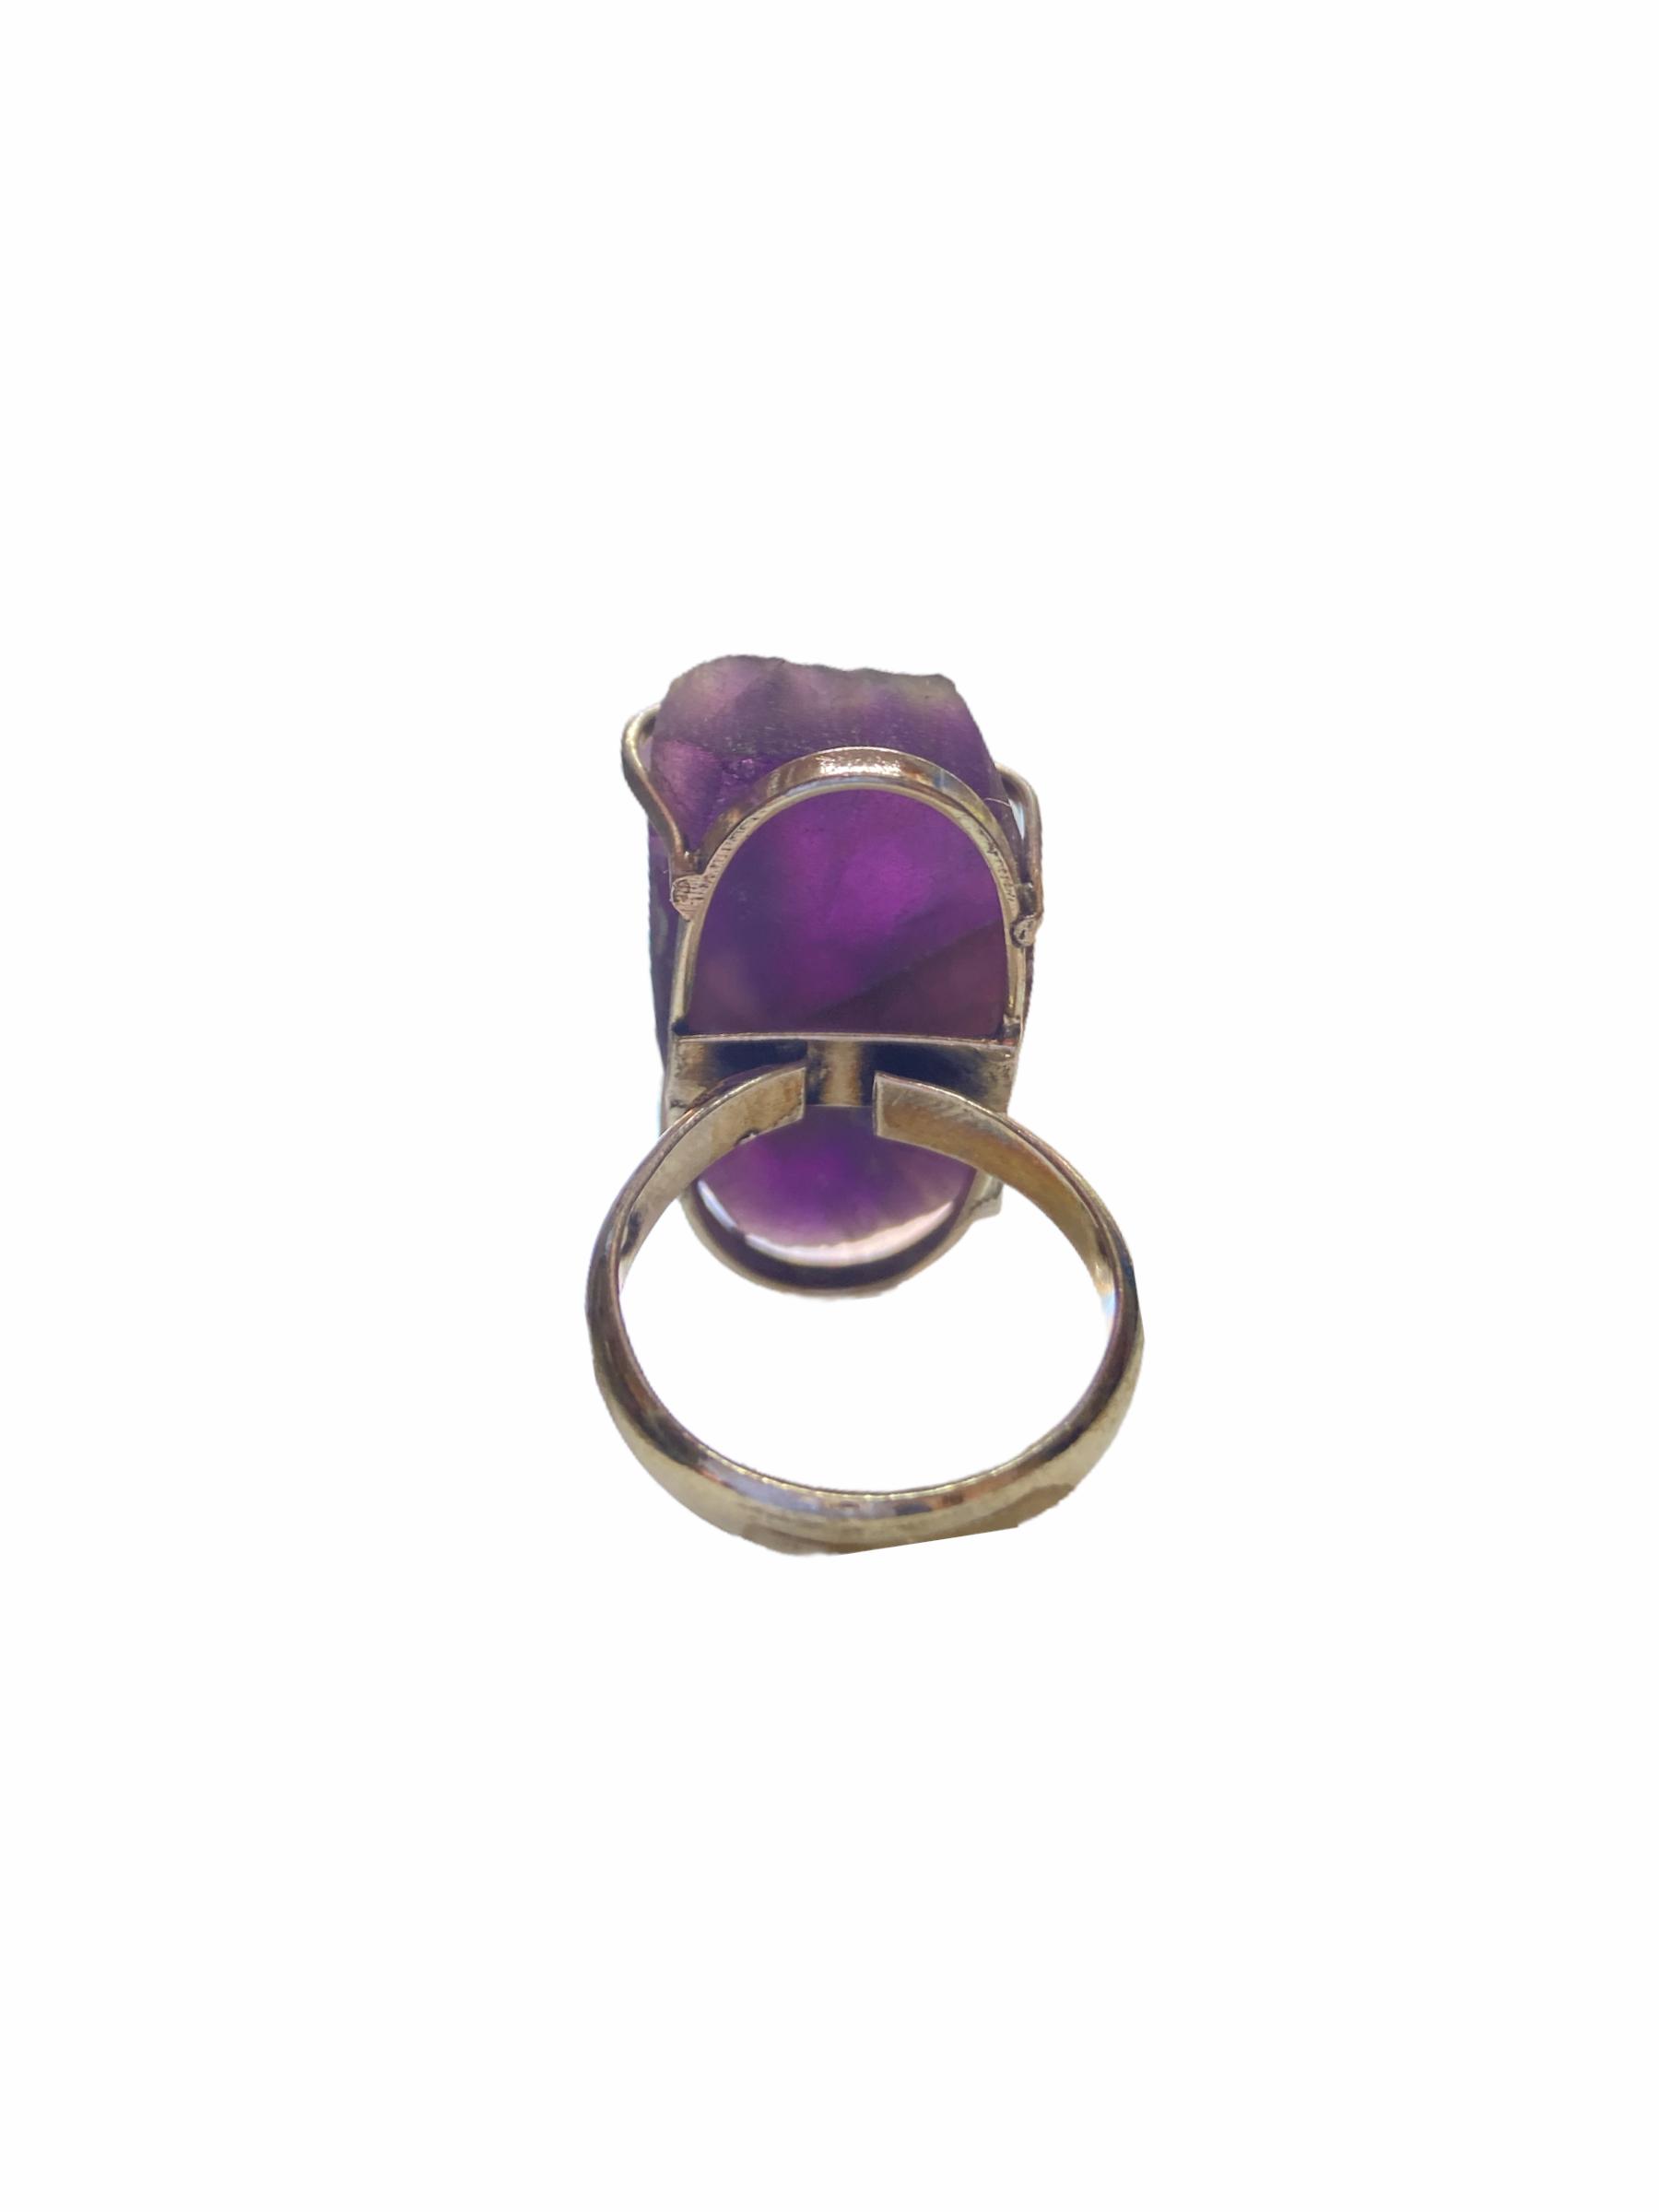 Δαχτυλίδι Χειροποίητο Ακατέργαστο Με Αμέθυστο Ασημί